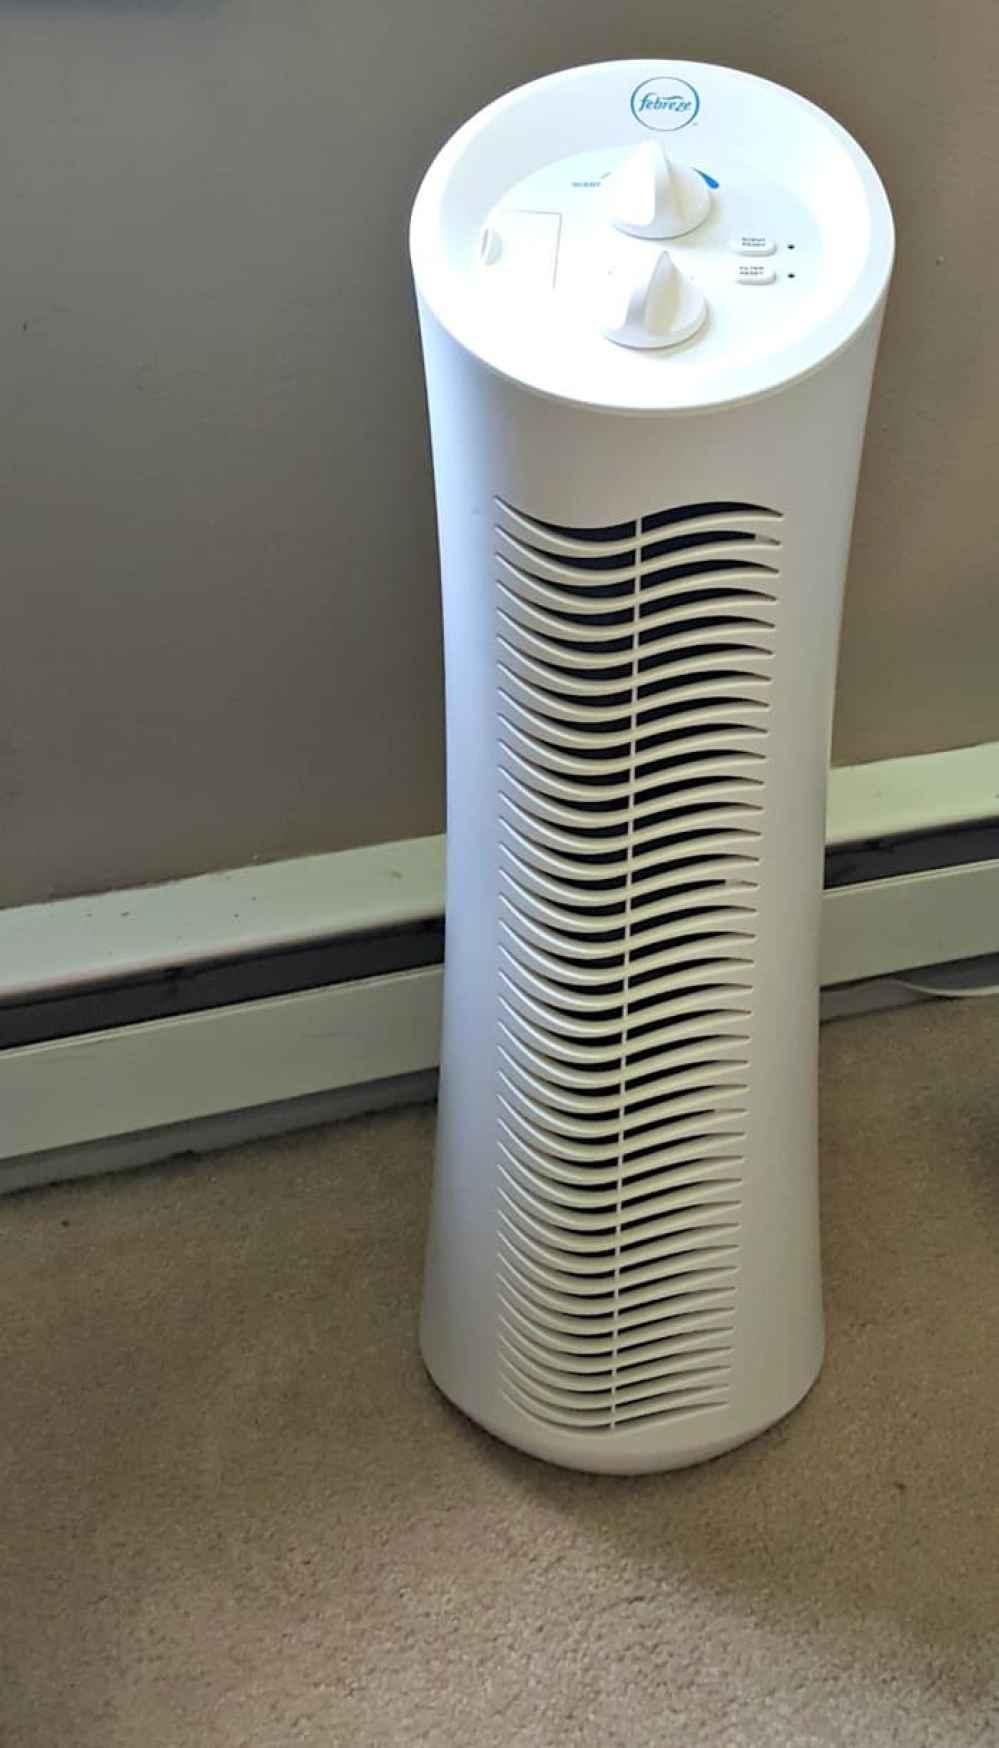 febreeze air purifier tower